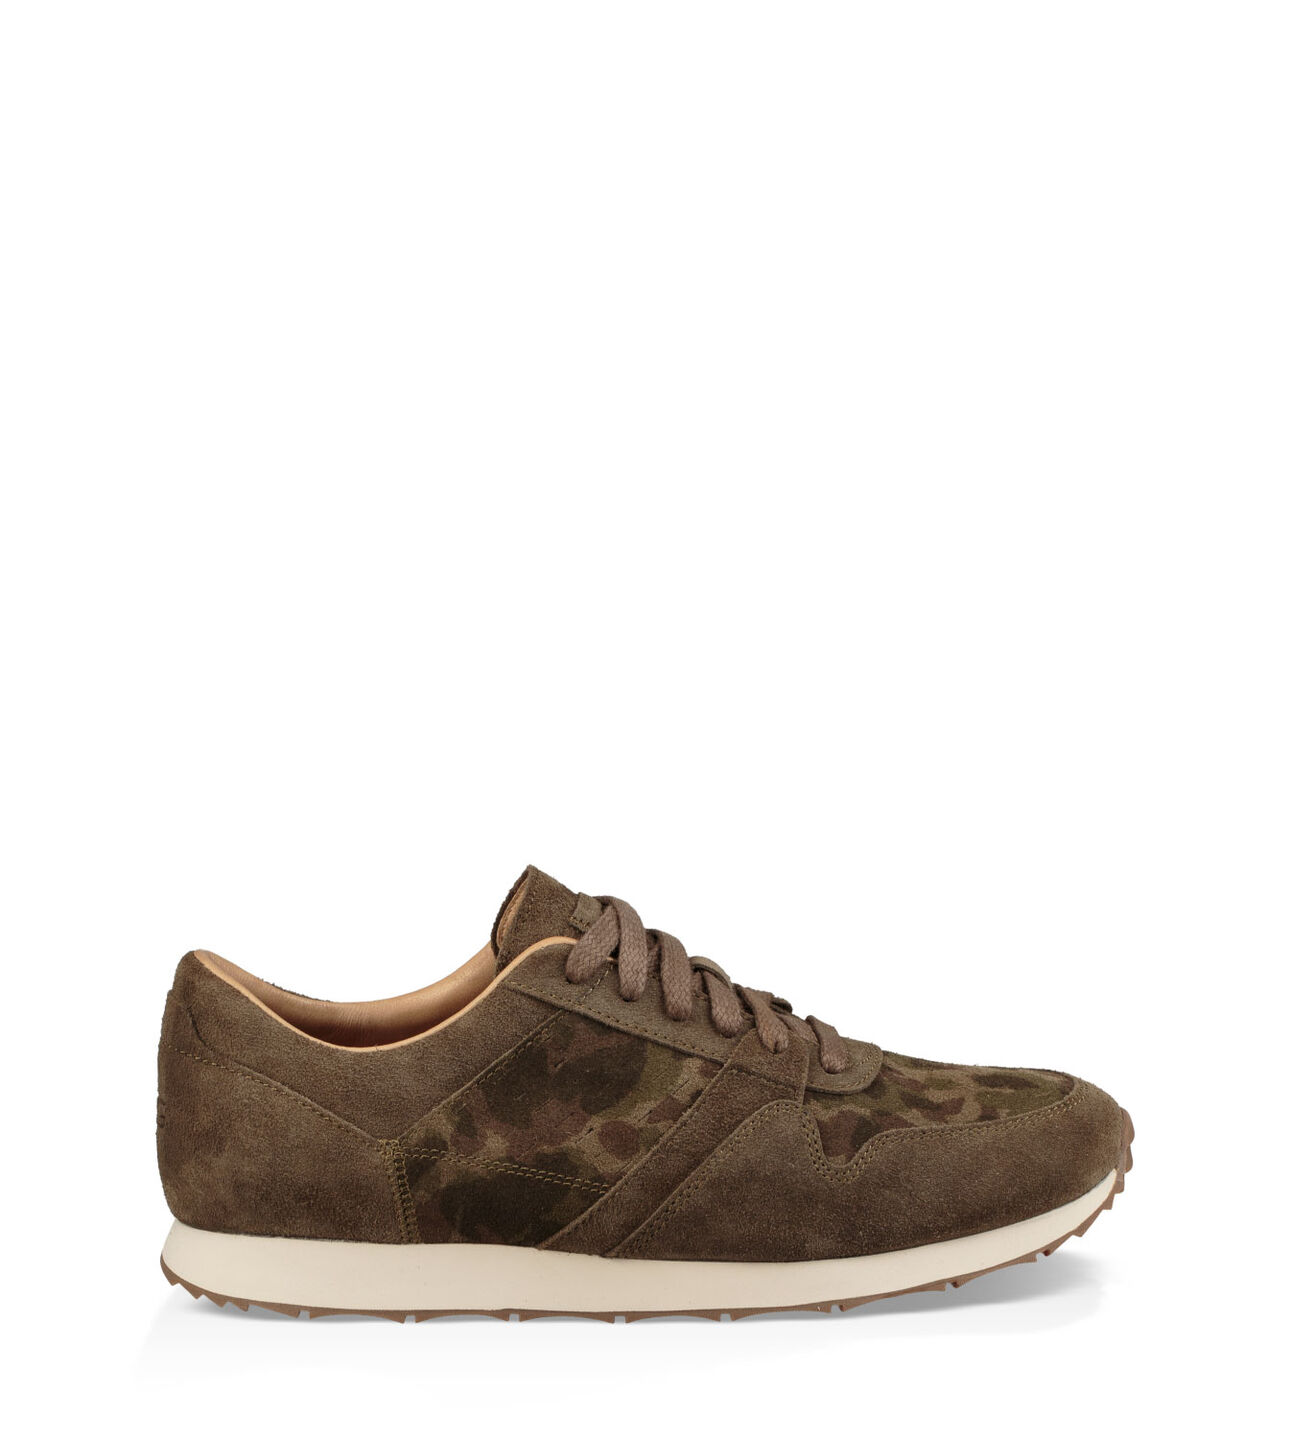 f28a1c07b70 Trigo Suede Camo Sneaker